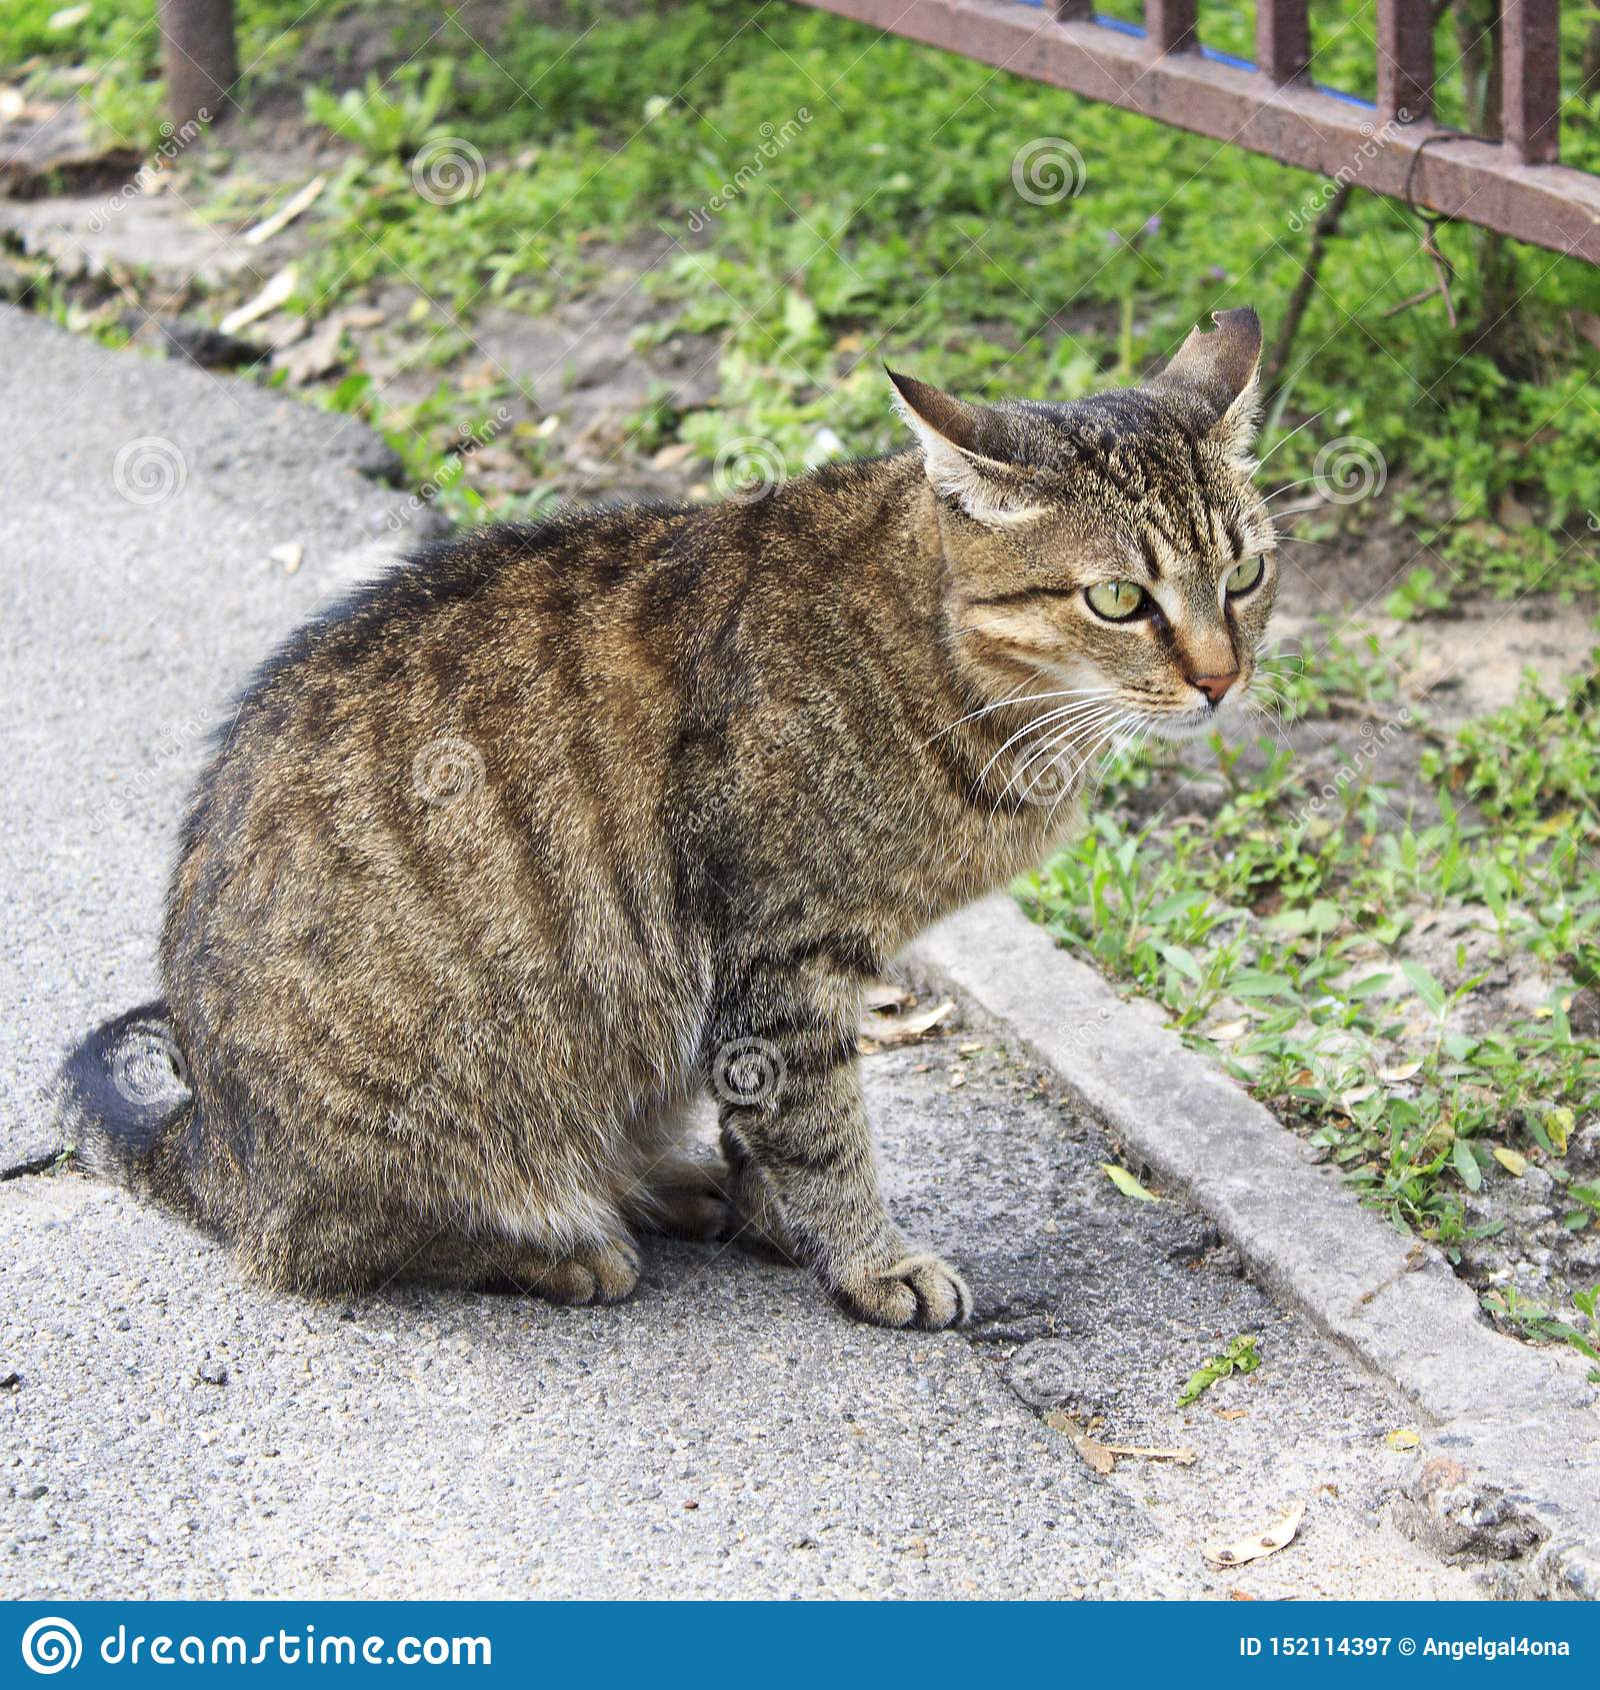 Η γάτα, οδός, πορτρέτο, πέτρα, χαριτωμένος, ζωική, βρίσκεται, τιγρέ, στήριξη, φύση, κατοικίδιο ζώο, όμορφο, πρόσωπο, υπαίθριο, γα